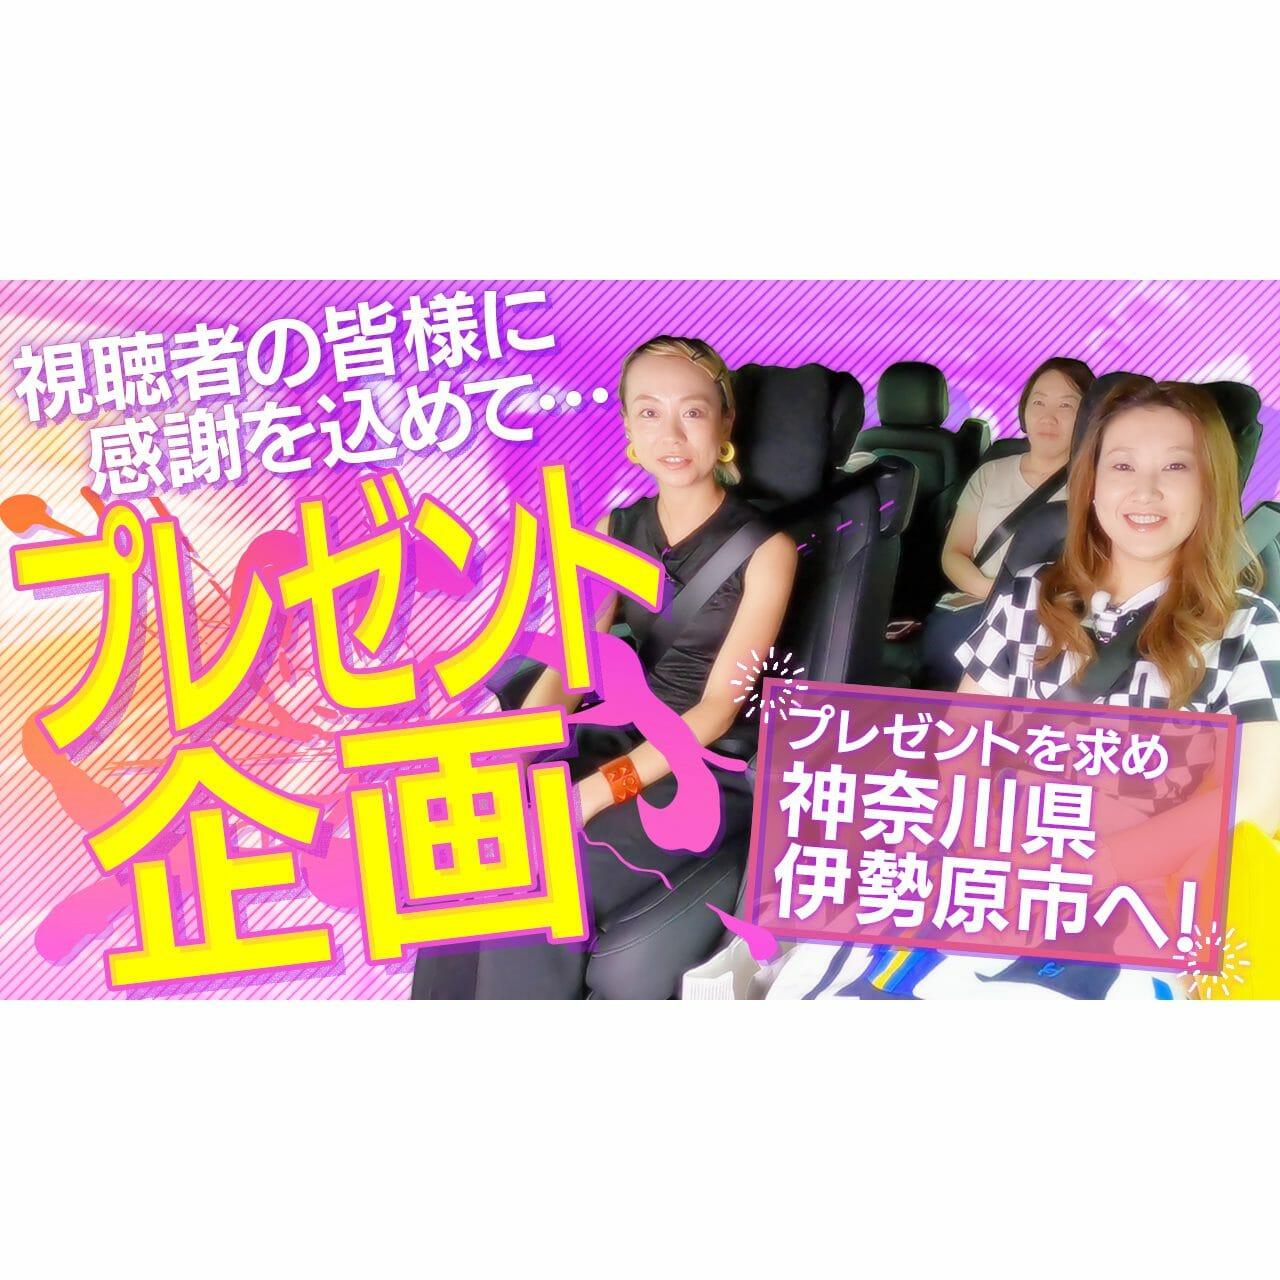 【重大発表】視聴者の皆さまに感謝の思いを込めてプレゼント企画「神奈川県伊勢原市へプチ旅行!①」